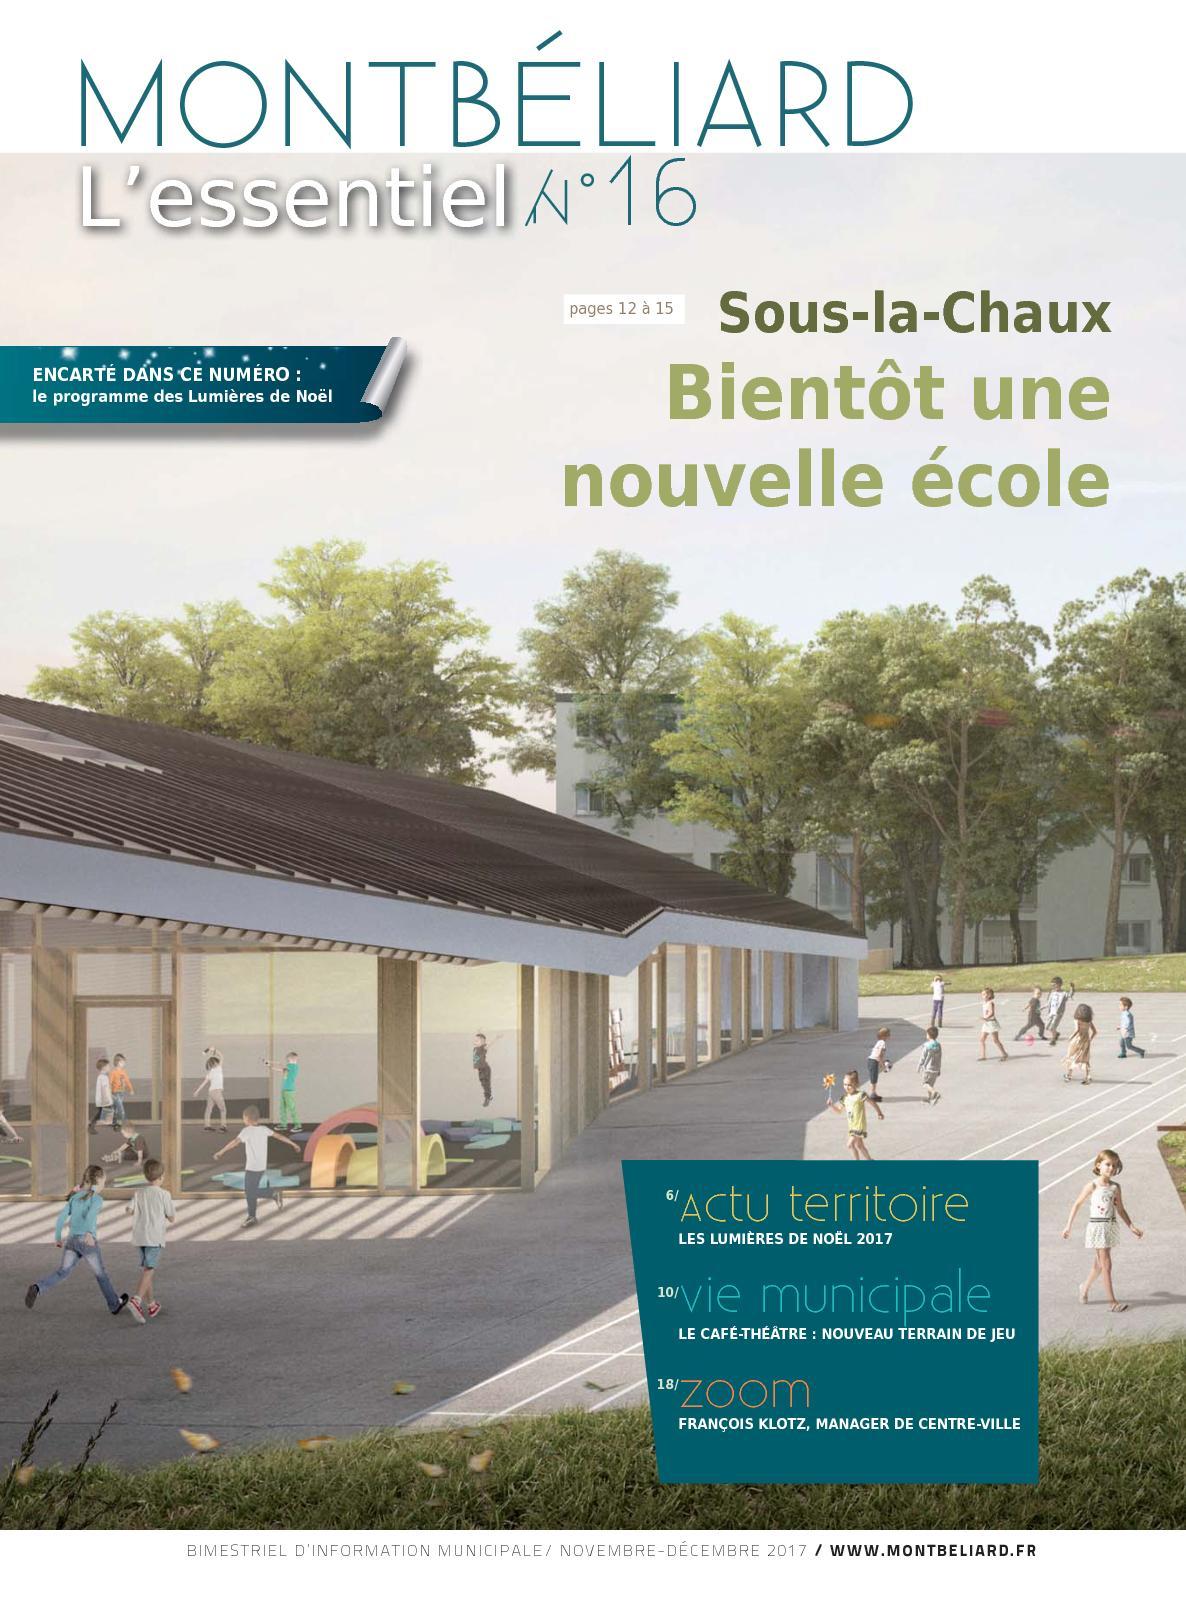 Cours De Dessin Montbéliard calaméo - montbéliard l'essentiel n°16 - novembre décembre 2017